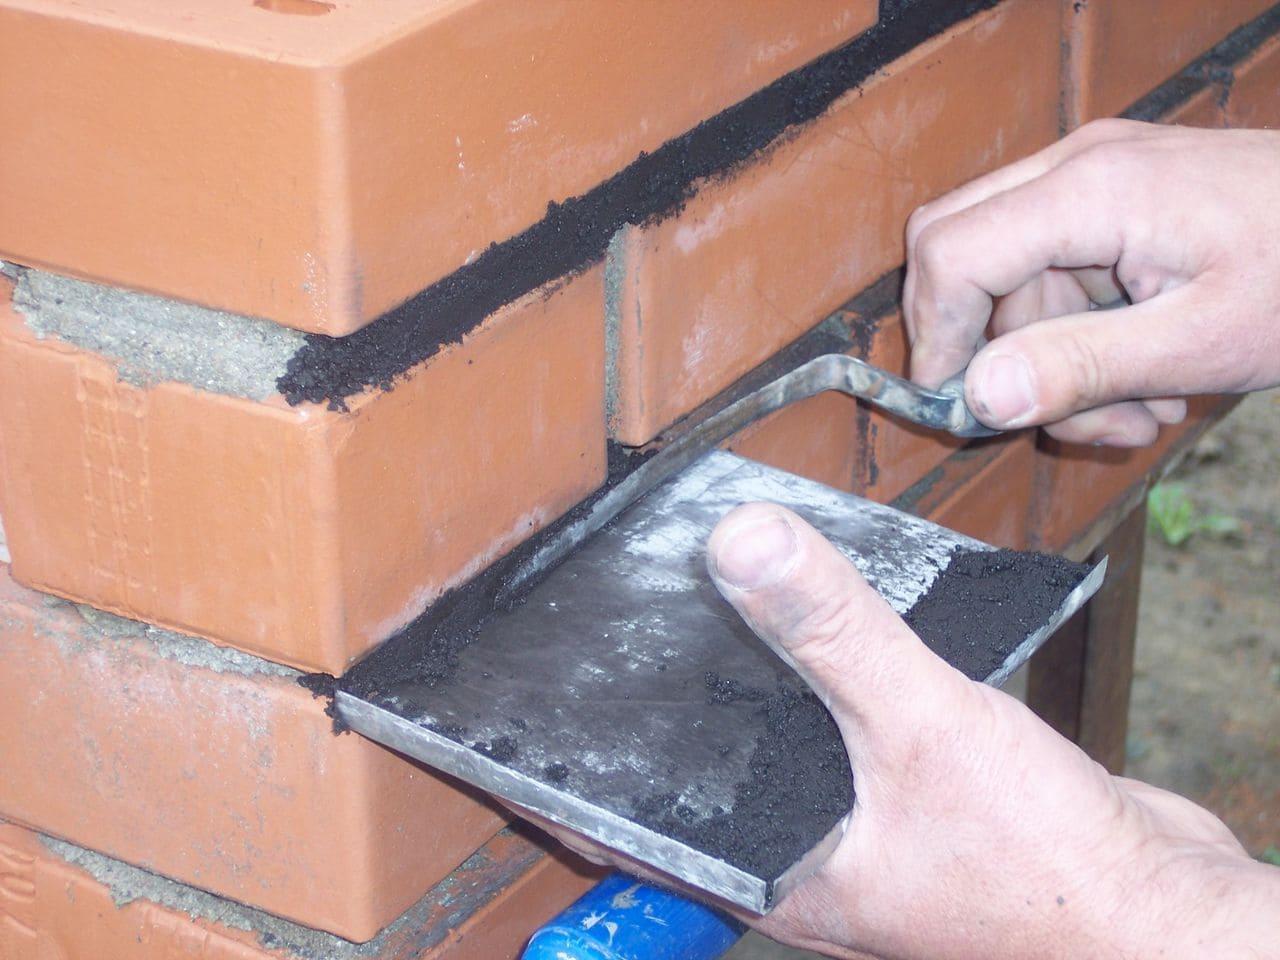 Аккуратно укладывайте затирку между швами, чтобы не нарушить эстетический вид фасада.